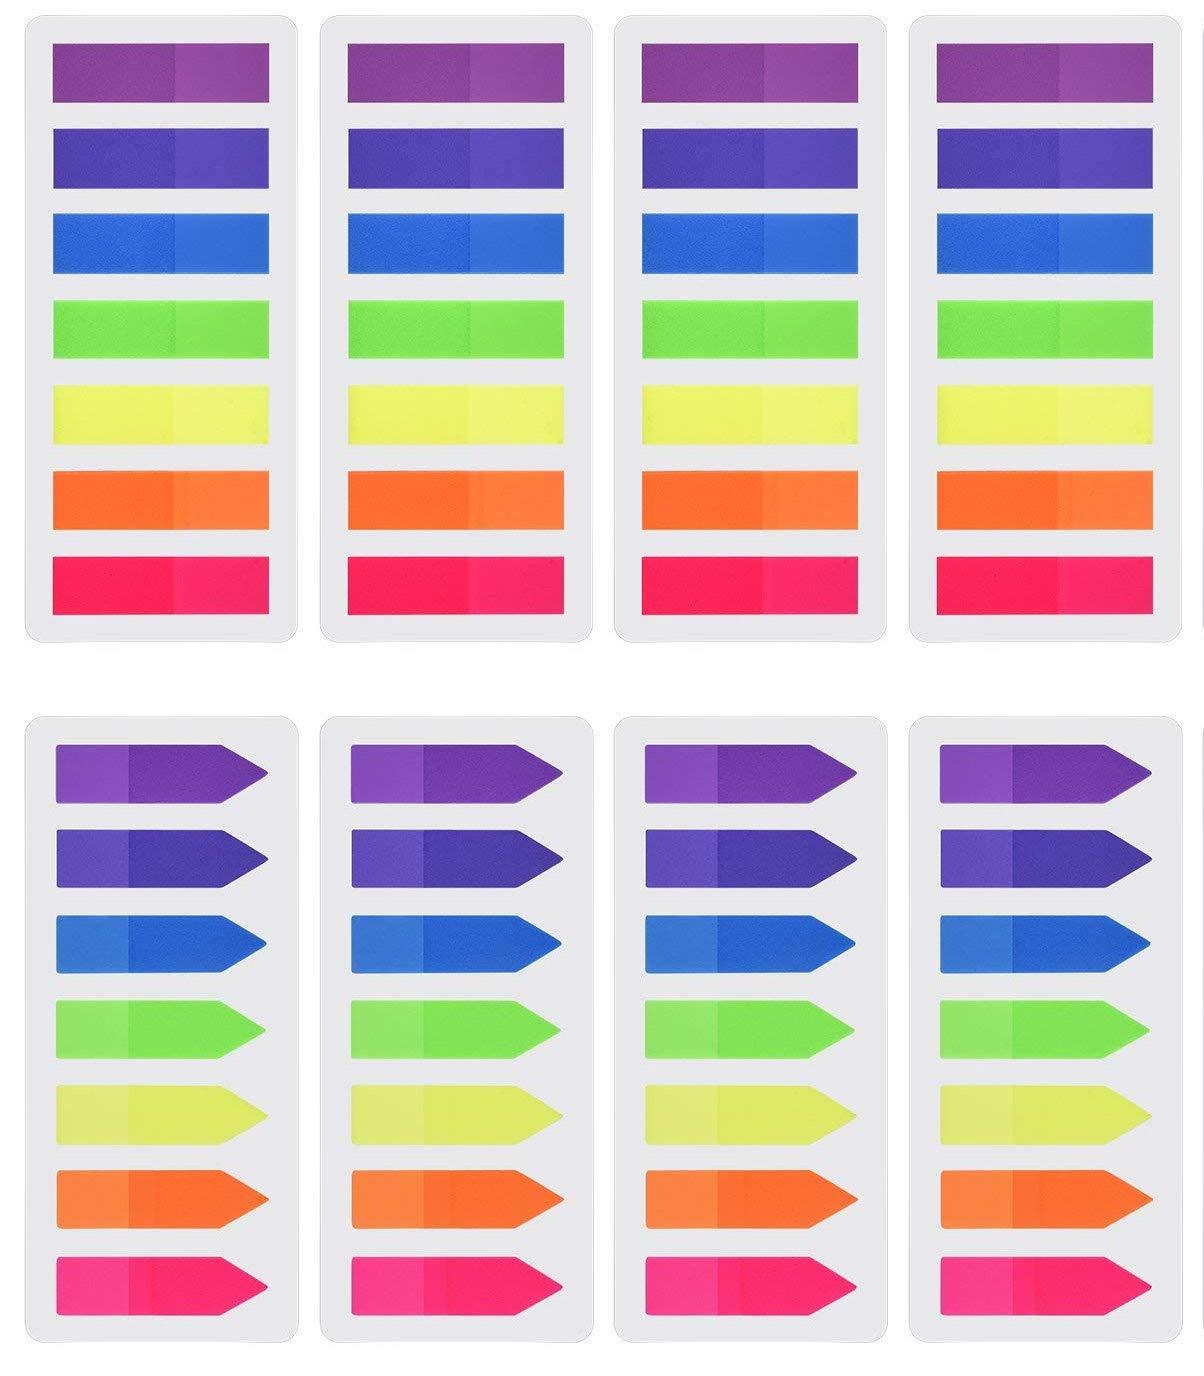 Febbya Segnapagina Adesivi, Sticky Notes 8 Sets 1120 Pezzi Page Marker per Pagina Marke Hand Ricette Diario Riviste e Libri di Testo